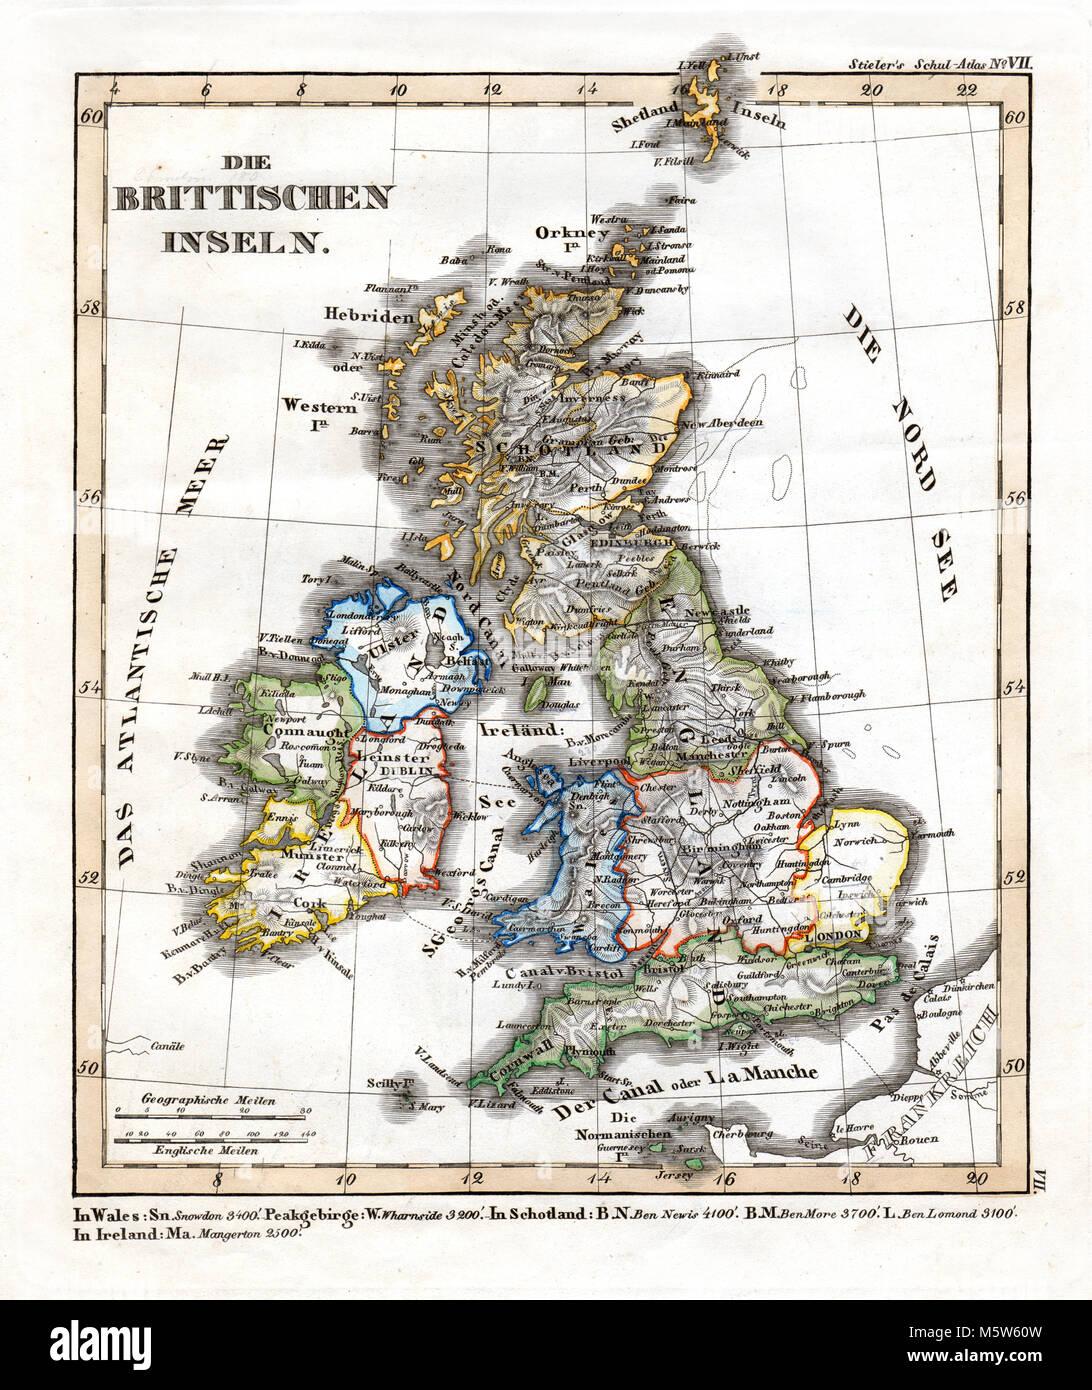 Fusionschrisch aus dem nördlichen Irland